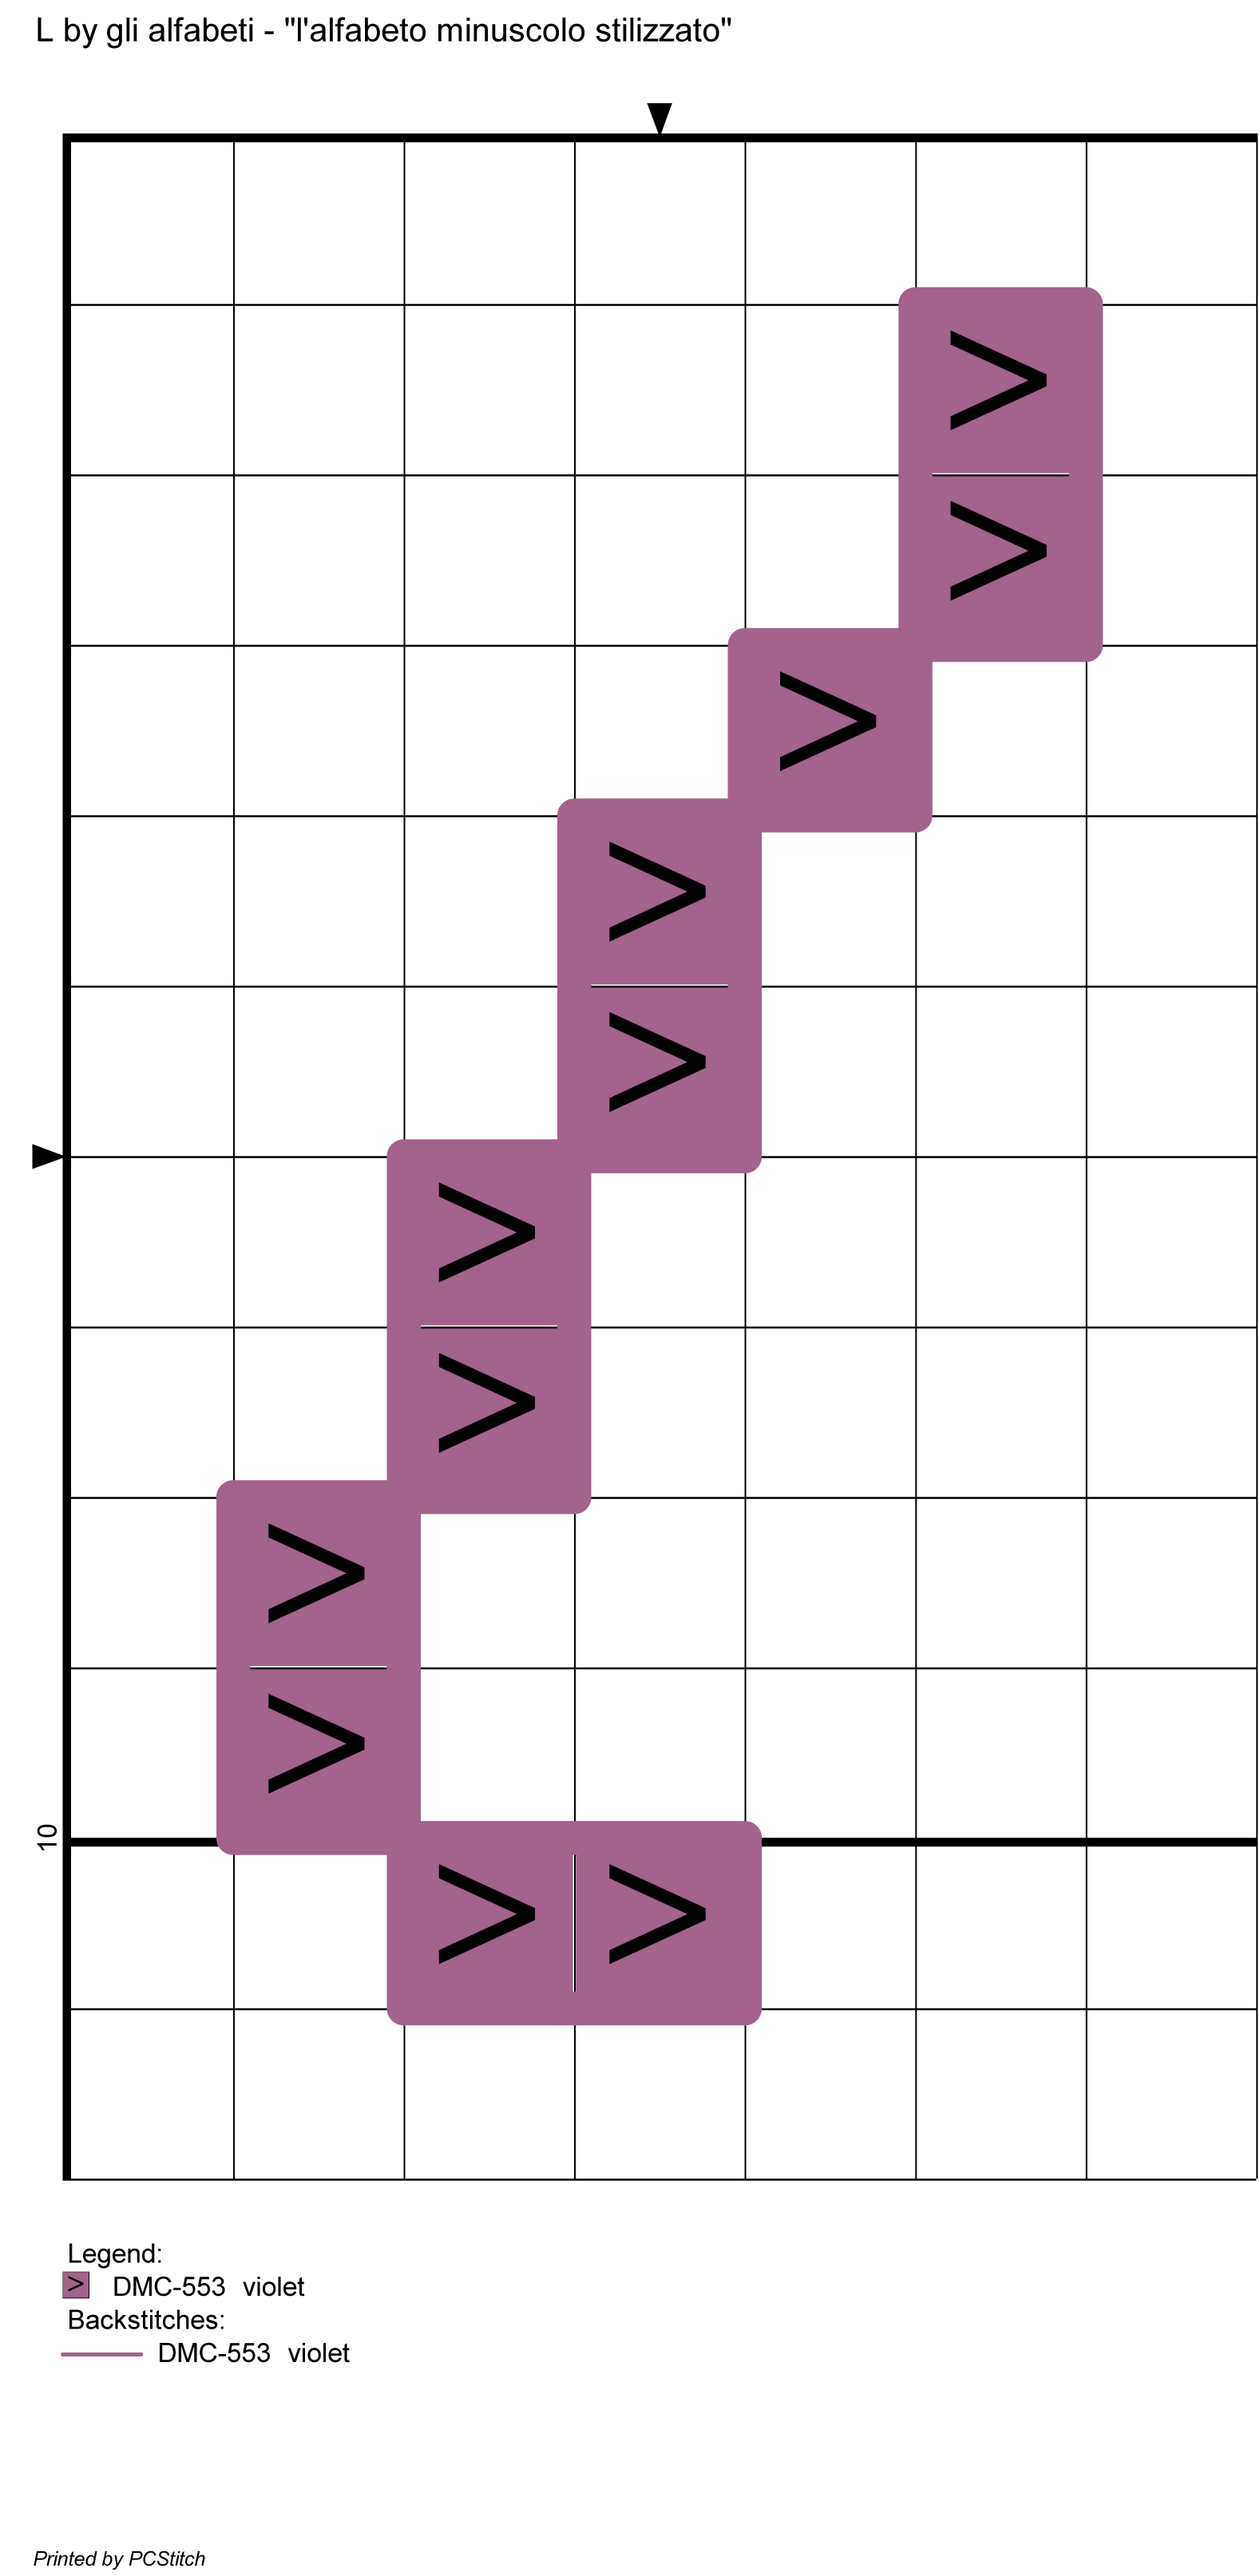 alfabeto minuscolo stilizzato: L